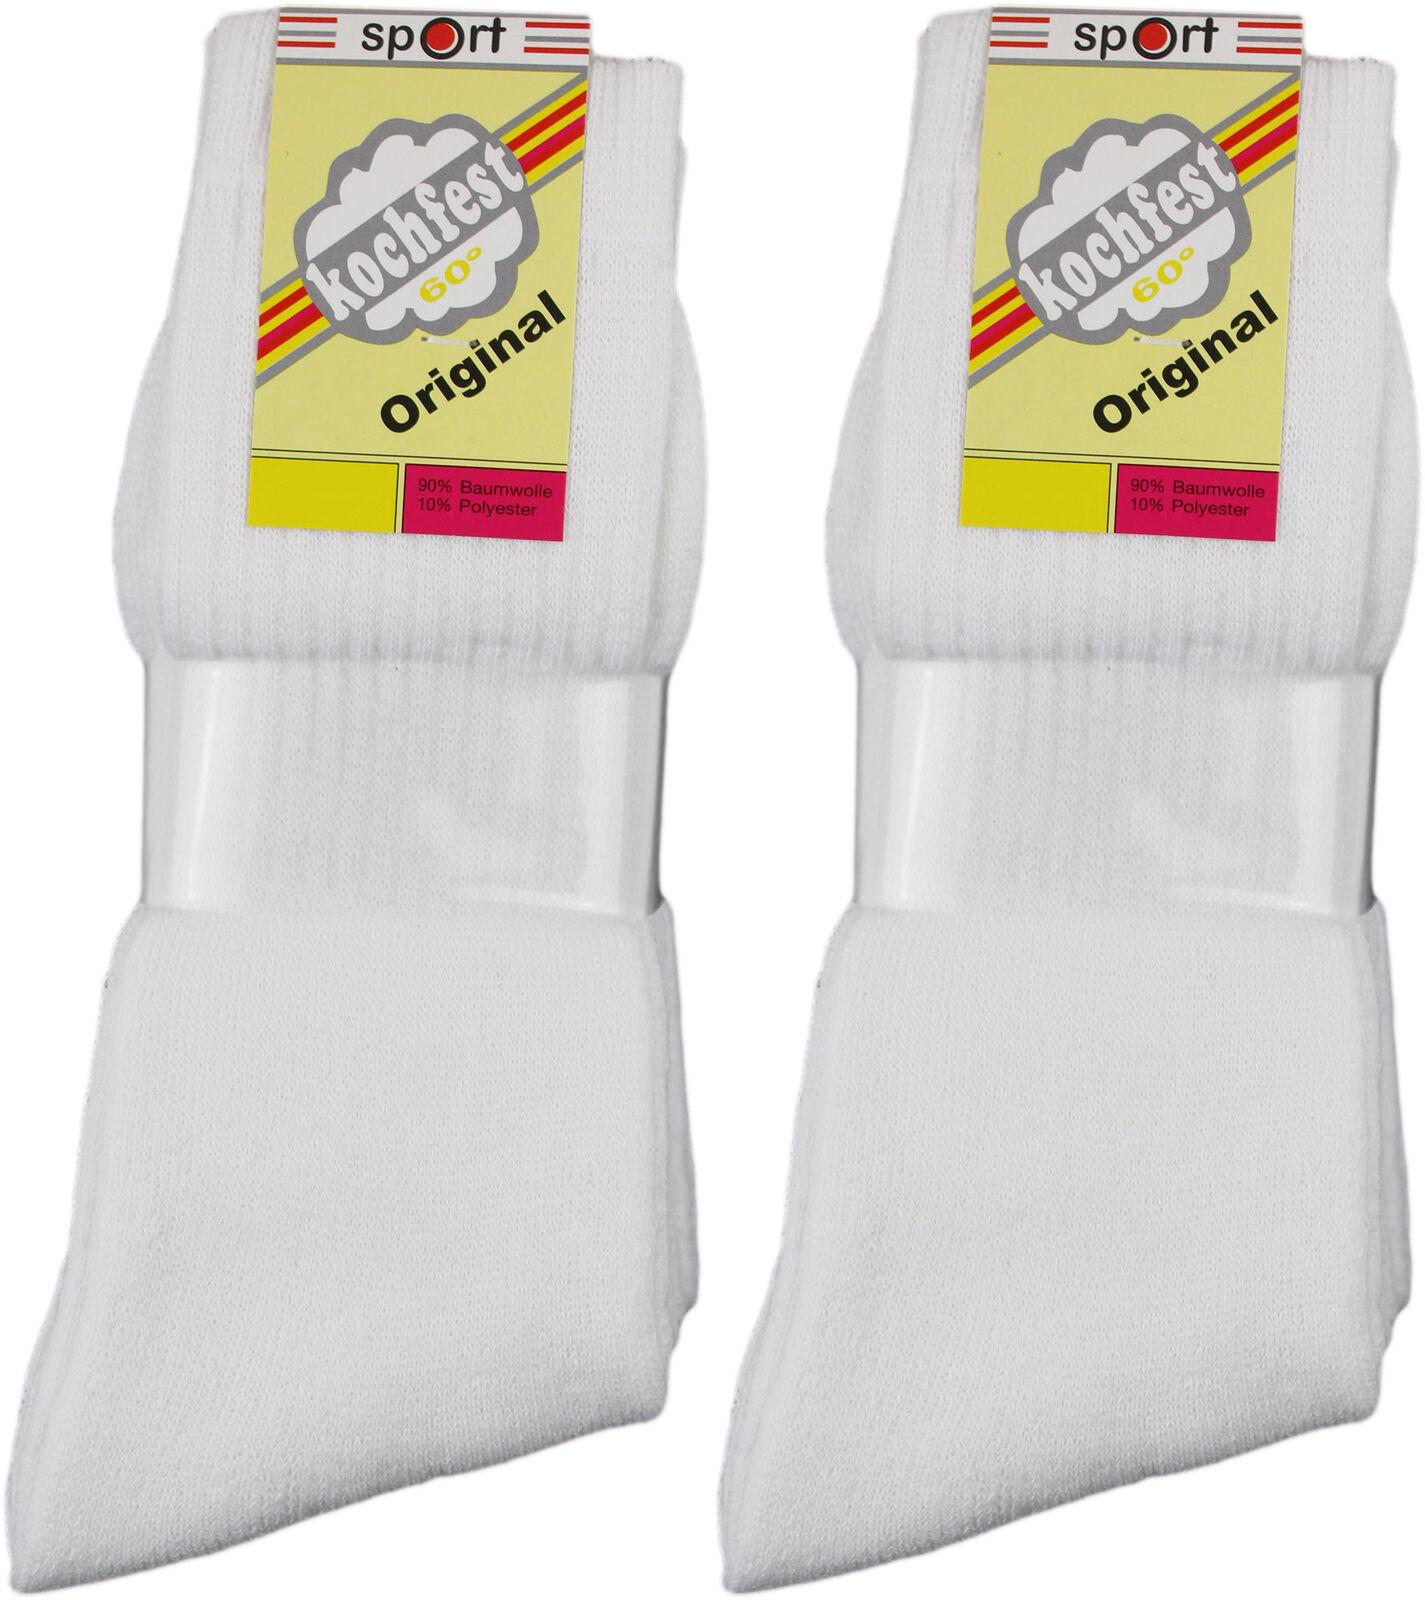 20 Paar Sport-Socken weiß 90 % Baumwolle o Ringel WOW